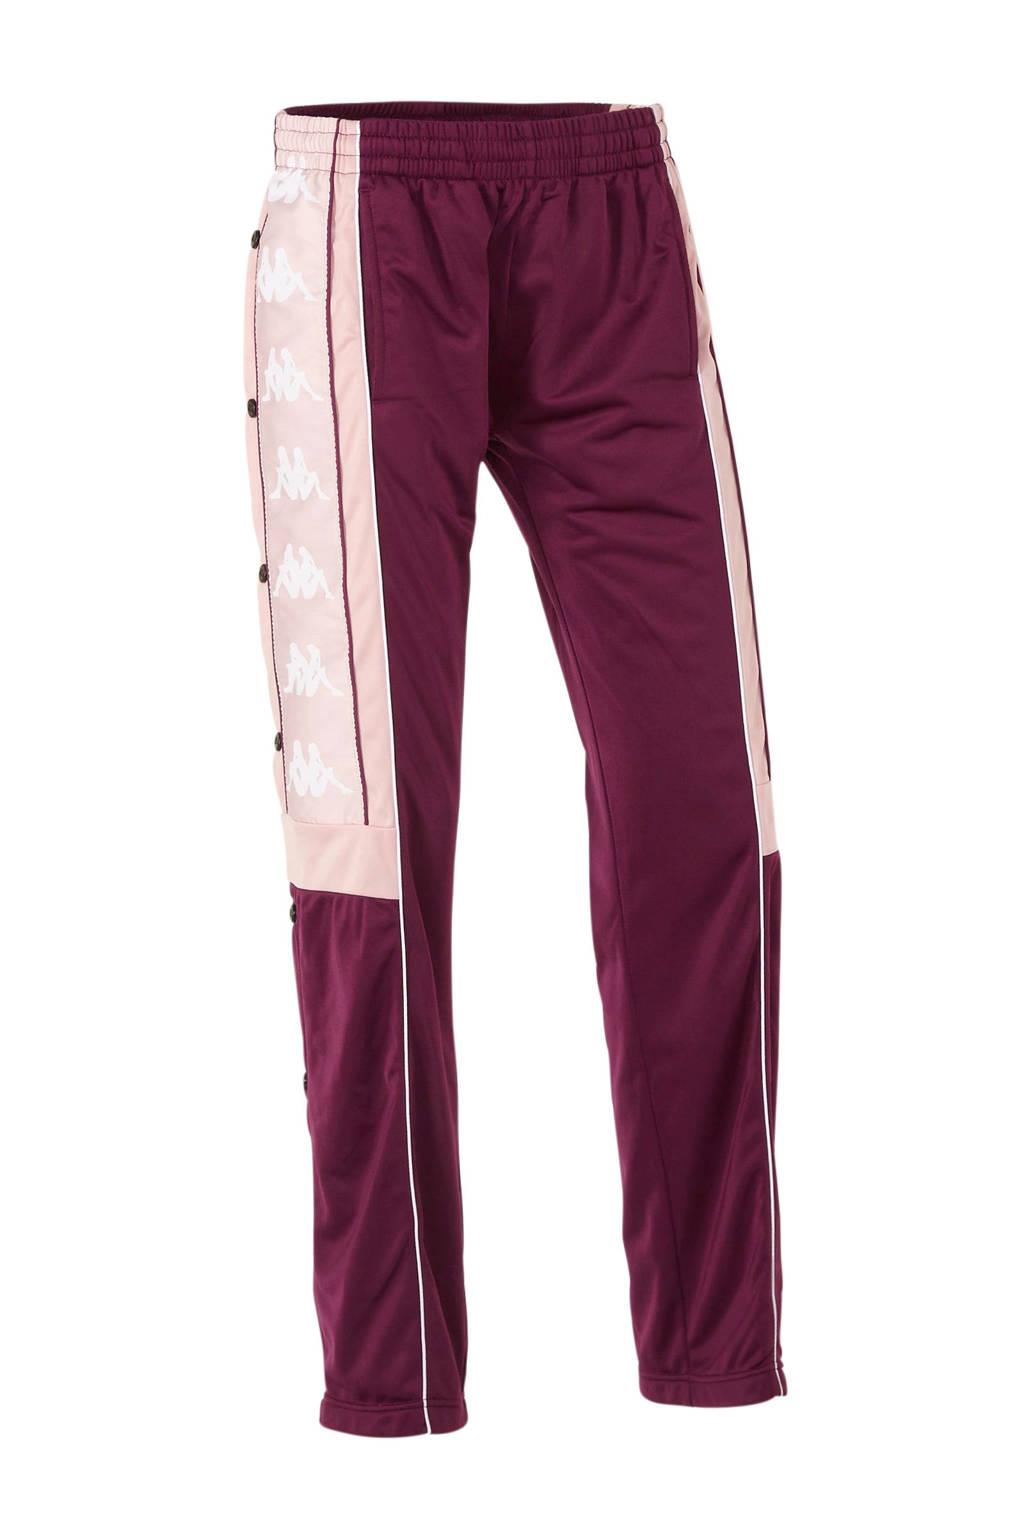 Kappa sportbroek bordeaux rood/roze, Bordeaux rood/roze